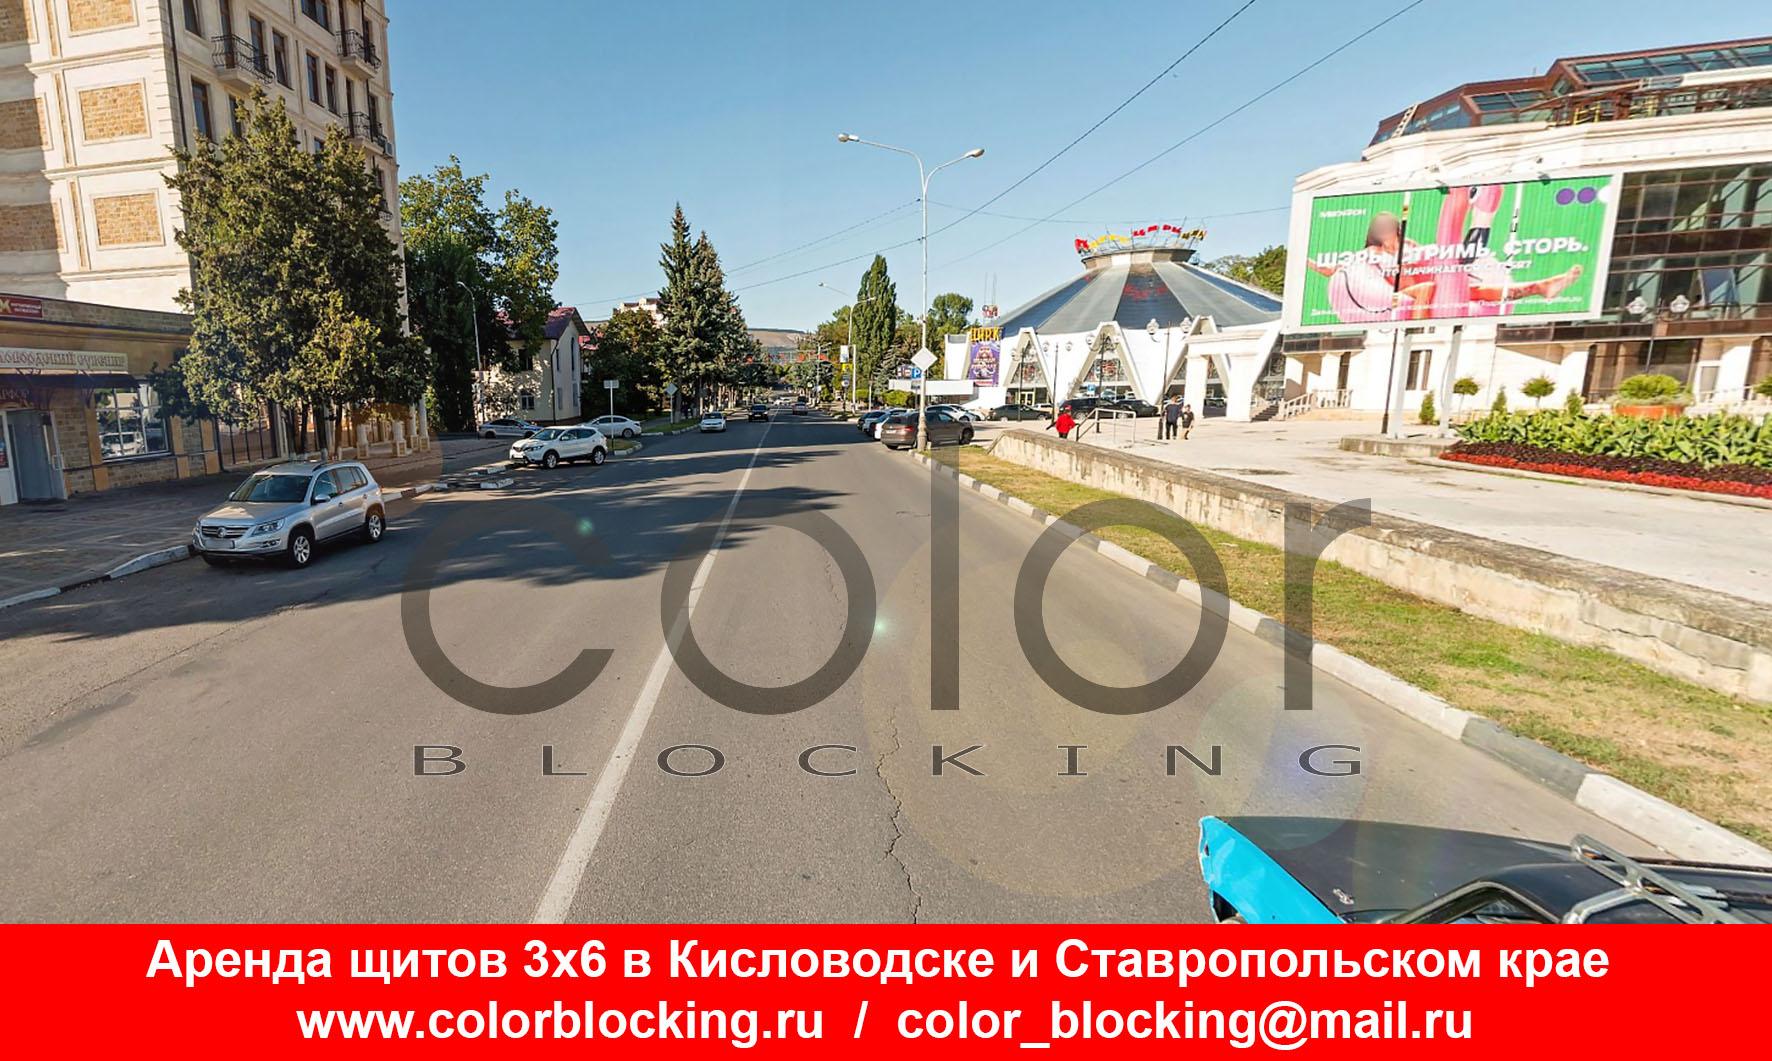 Реклама на билбордах в Кисловодске пр.Победы